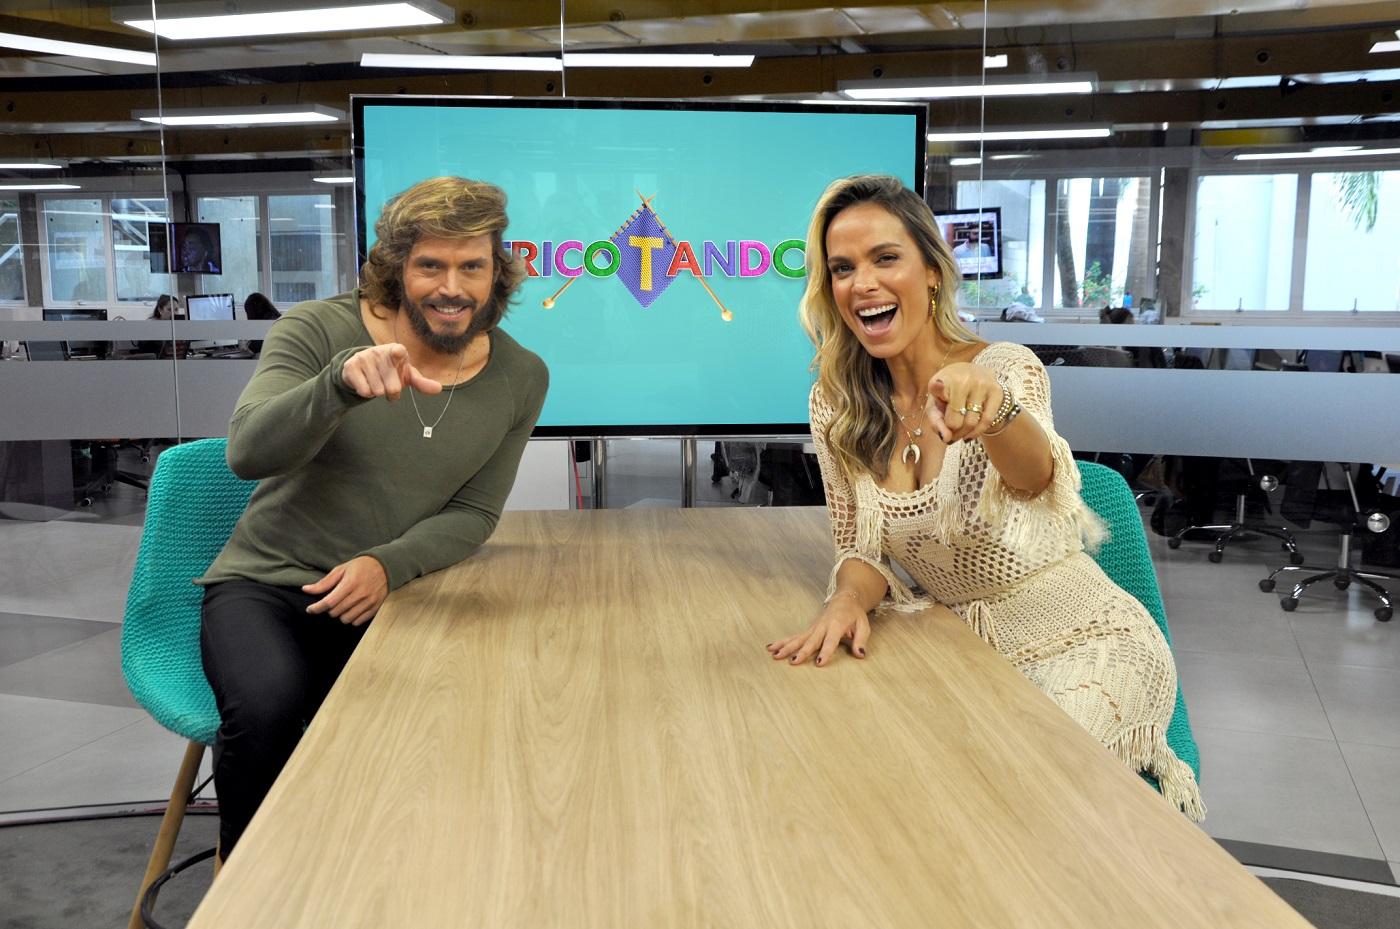 Lígia Mendes faz dupla com Franklin David no Tricotando (foto: Divulgação/RedeTV!)